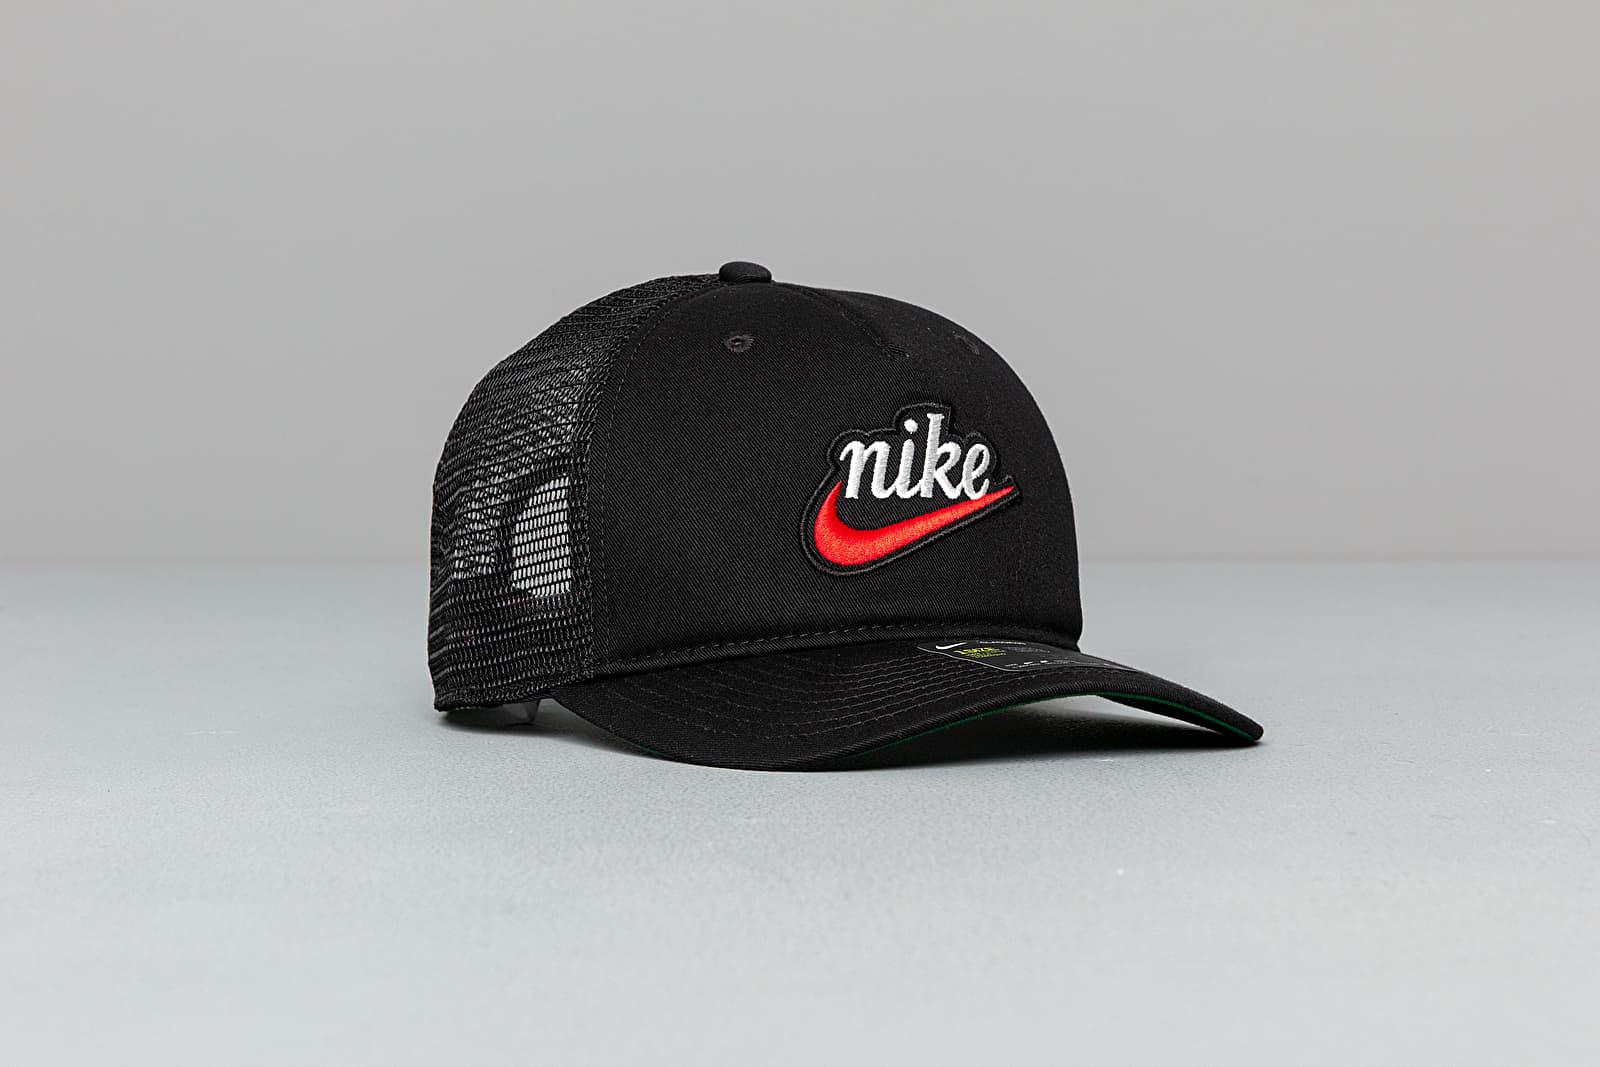 Nike Sportswear Clc99 Foatrucker Cap